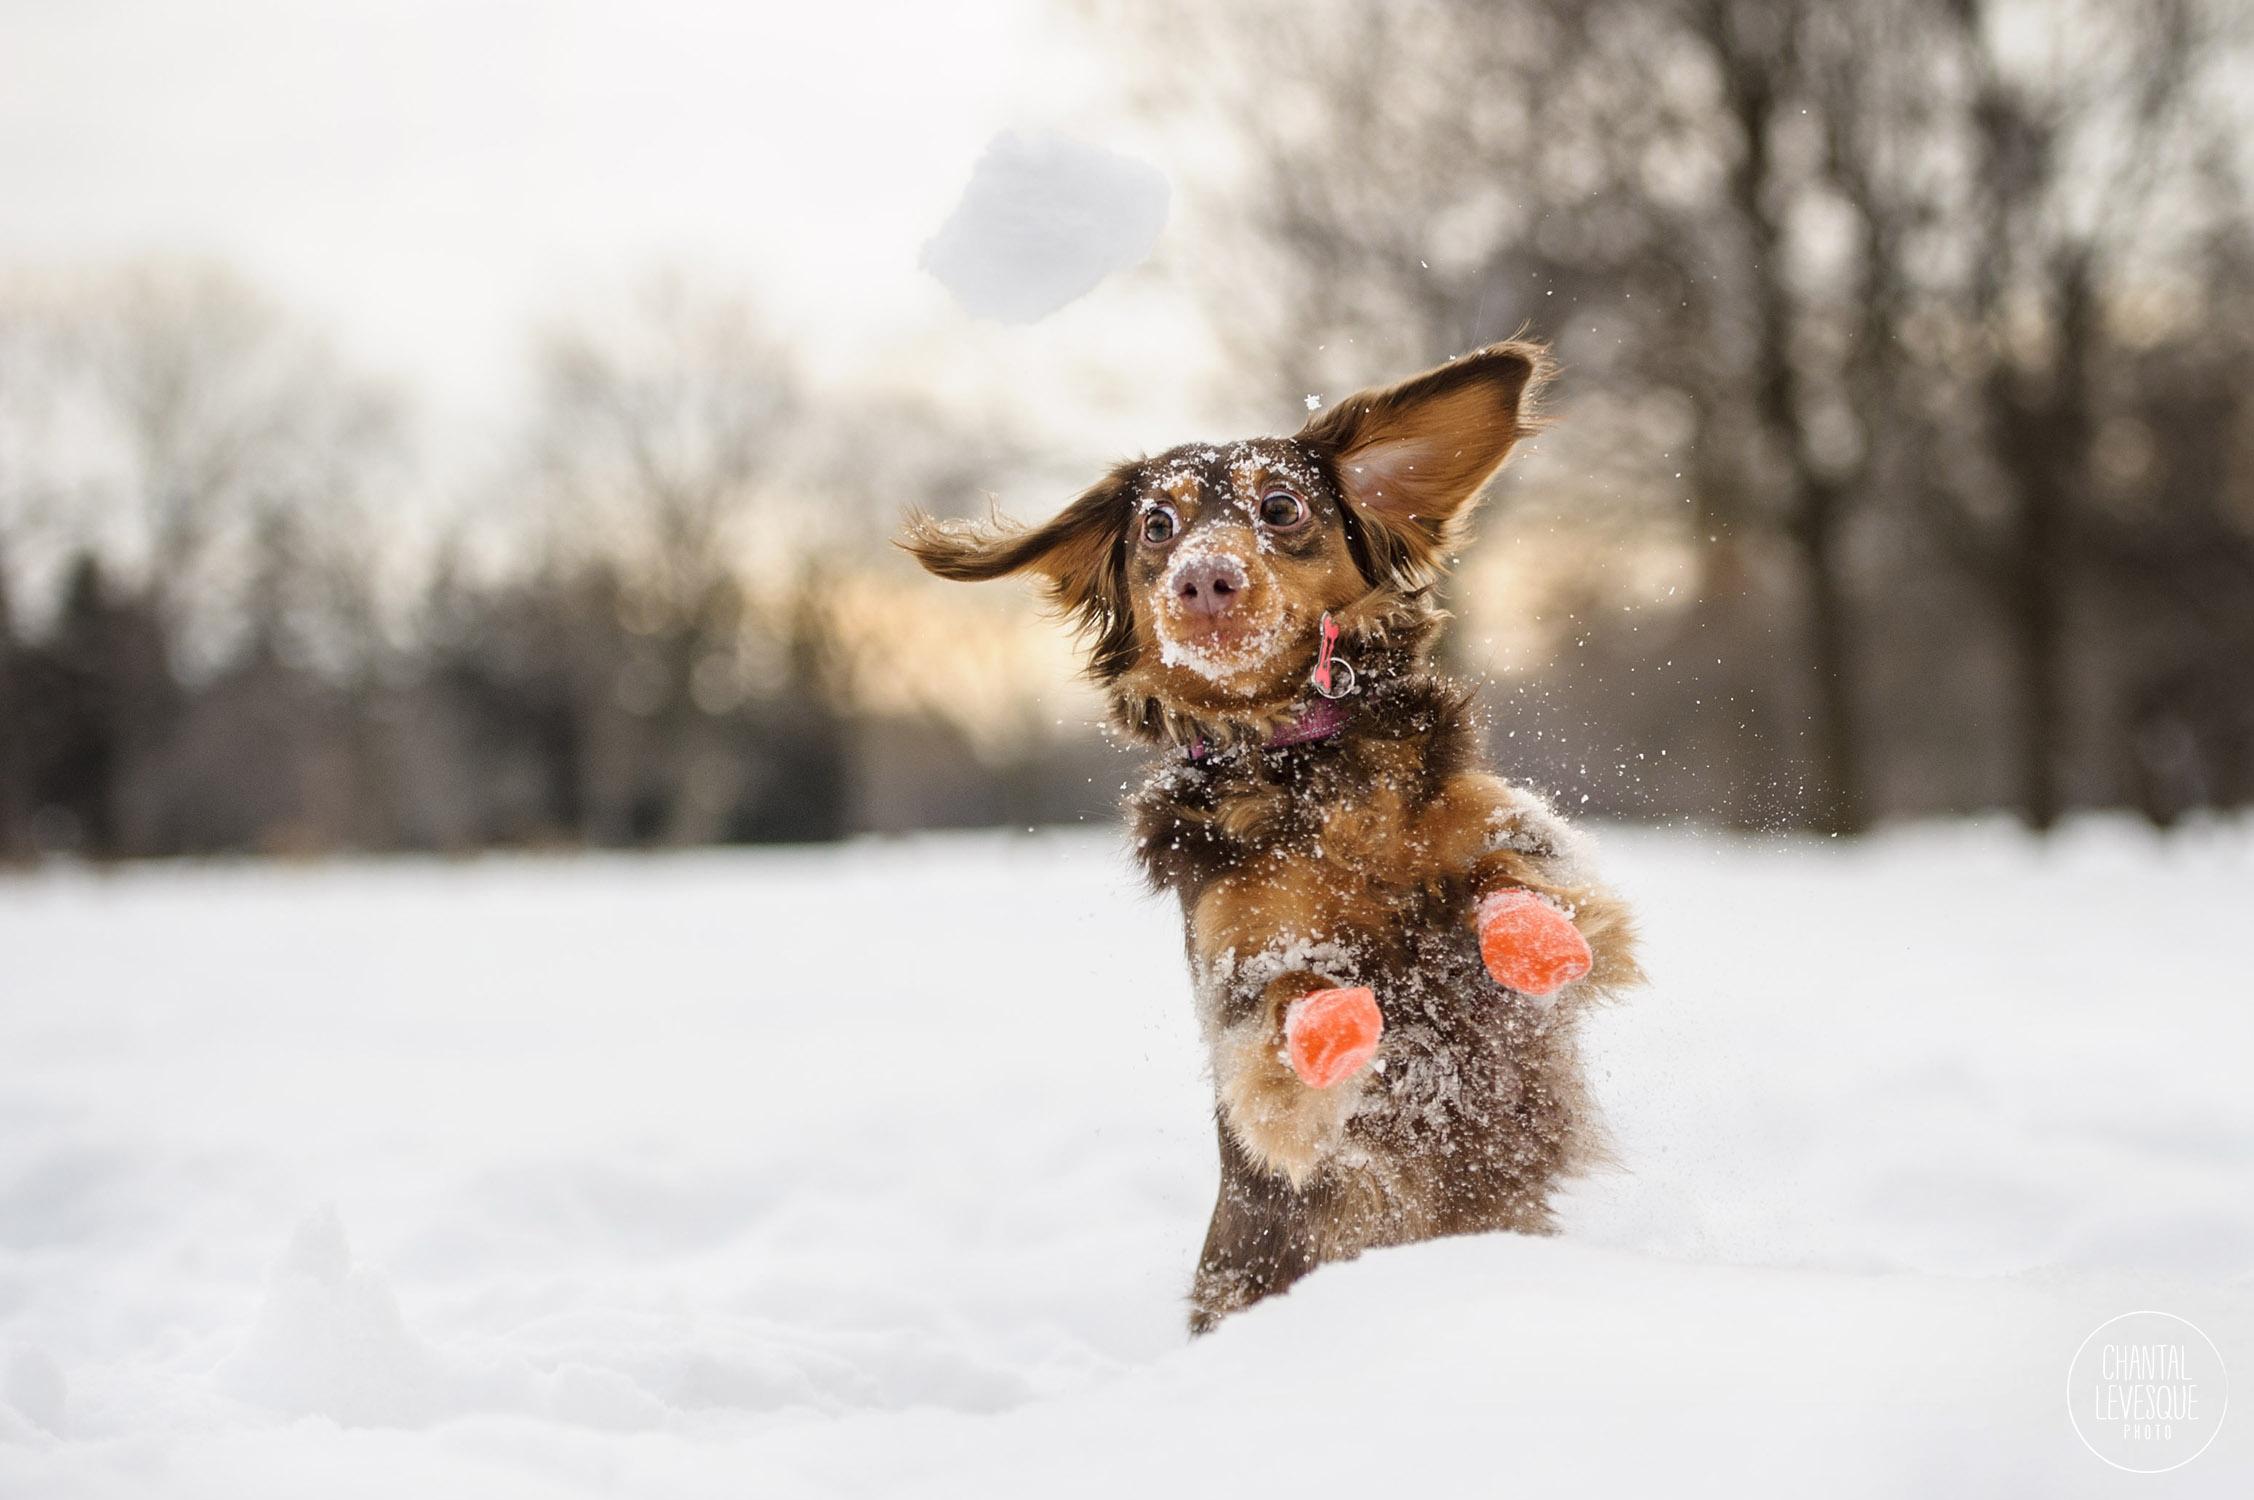 Quand tu sais que la balle de neige s'en vient vers toi mais que tu la perds de vue…